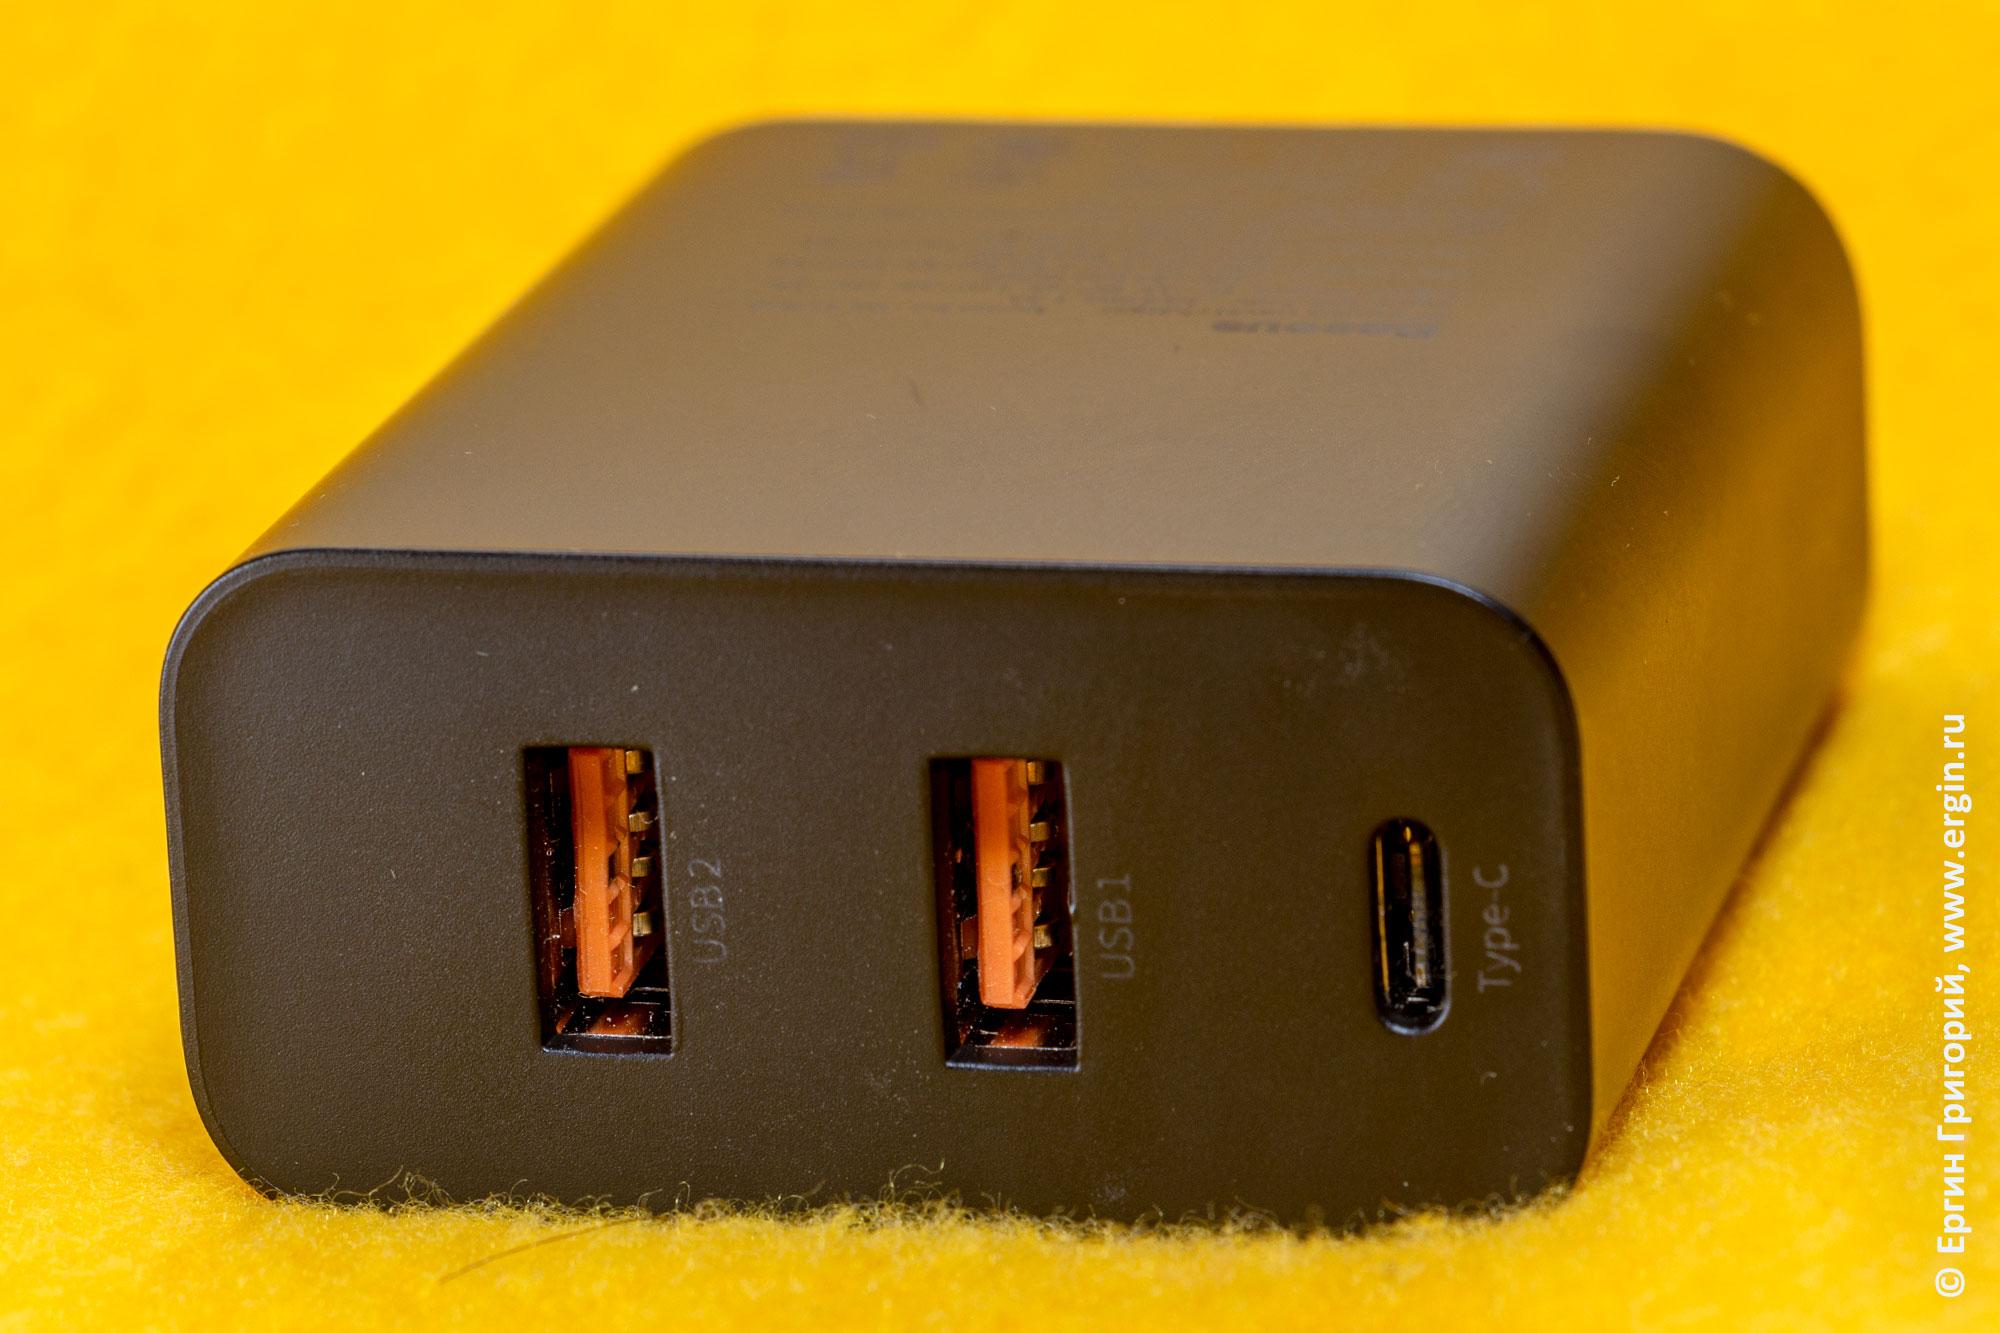 Зарядное устройство Baseus с поддержкой протоколов быстрой зарядки PD3.0 и QC4.0, 60 Вт